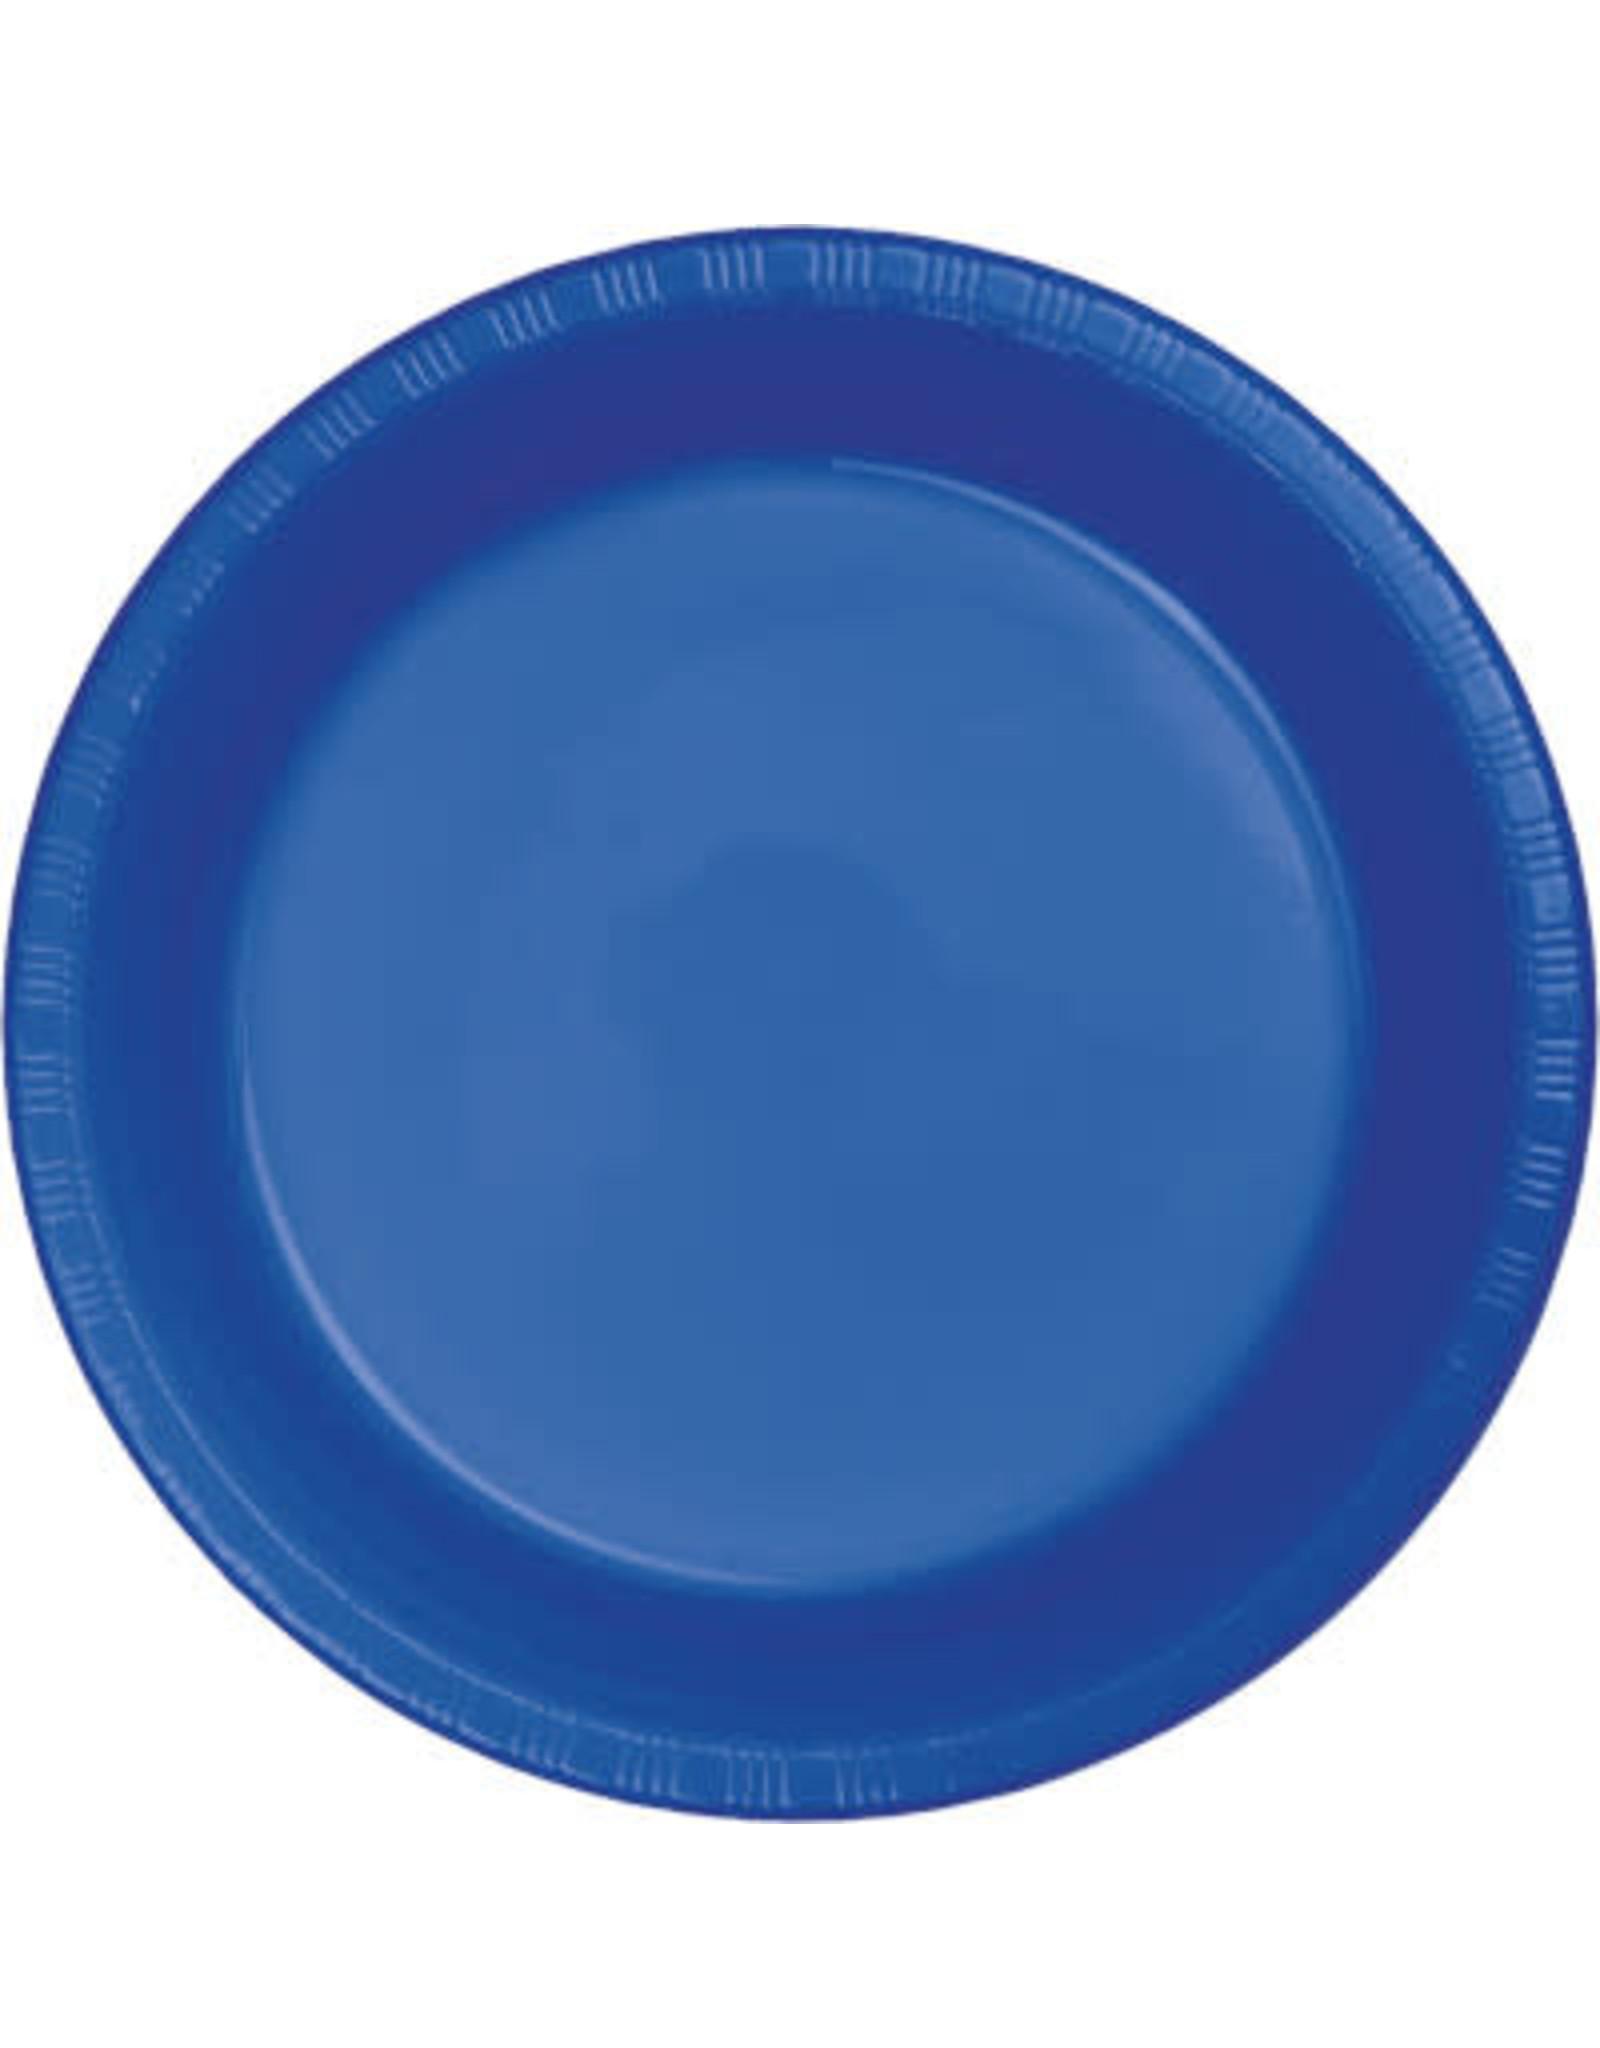 Touch of Color COBALT BLUE PLASTIC DESSERT PLATES